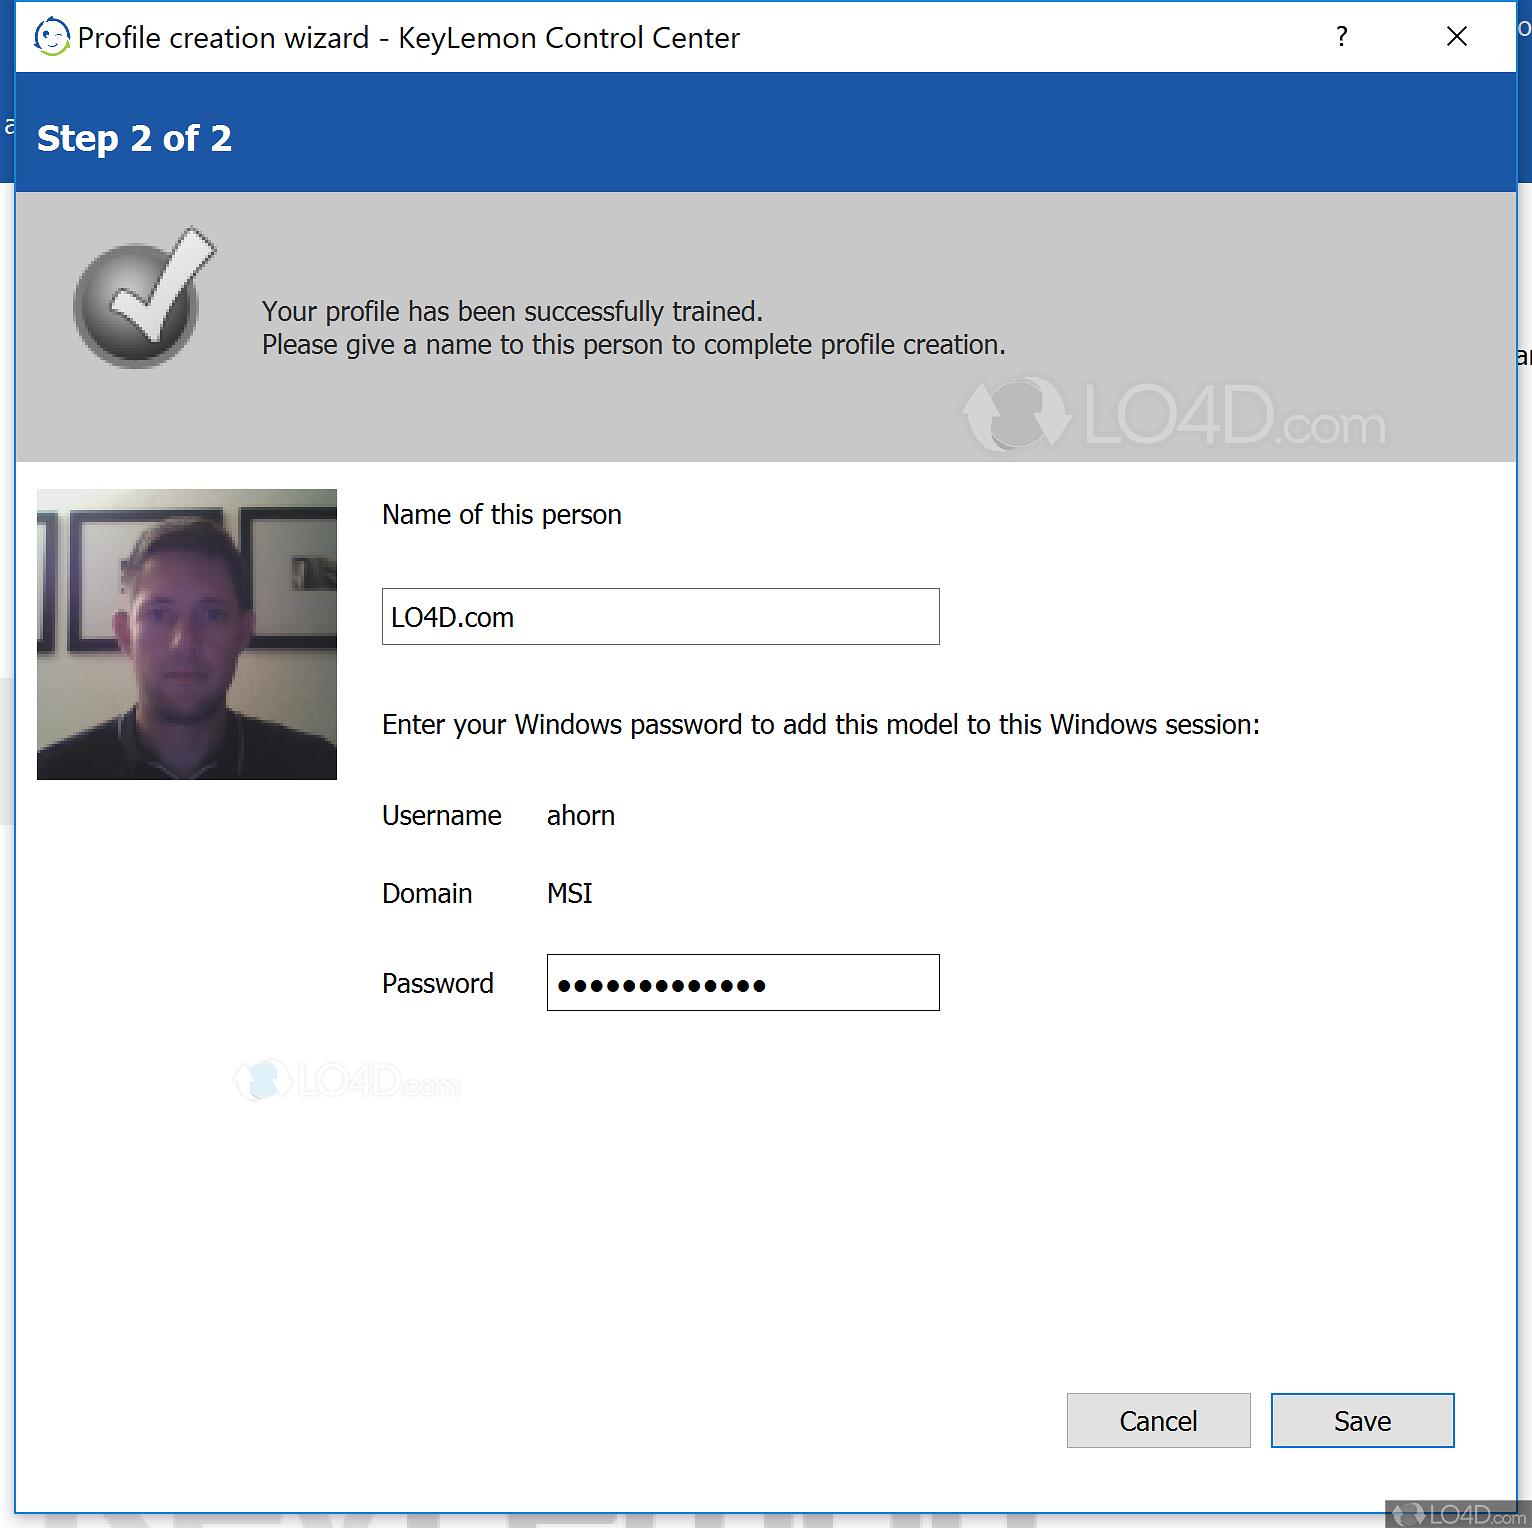 Keylemon 3.2.3 gold license key free